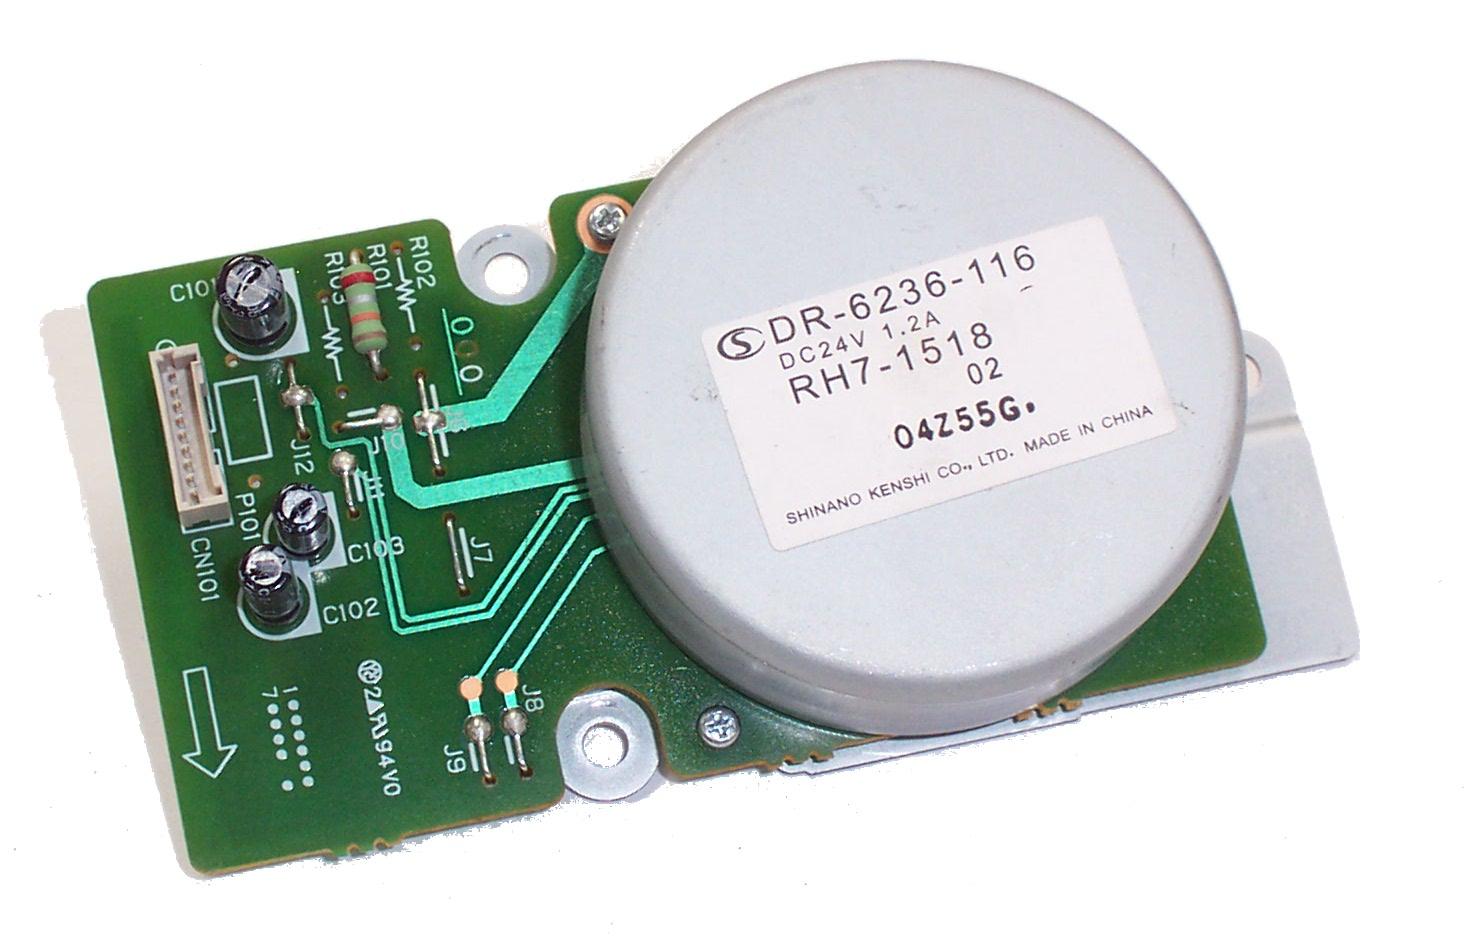 HP RH7-1518 Color LaserJet 9500 Registration Drive Motor